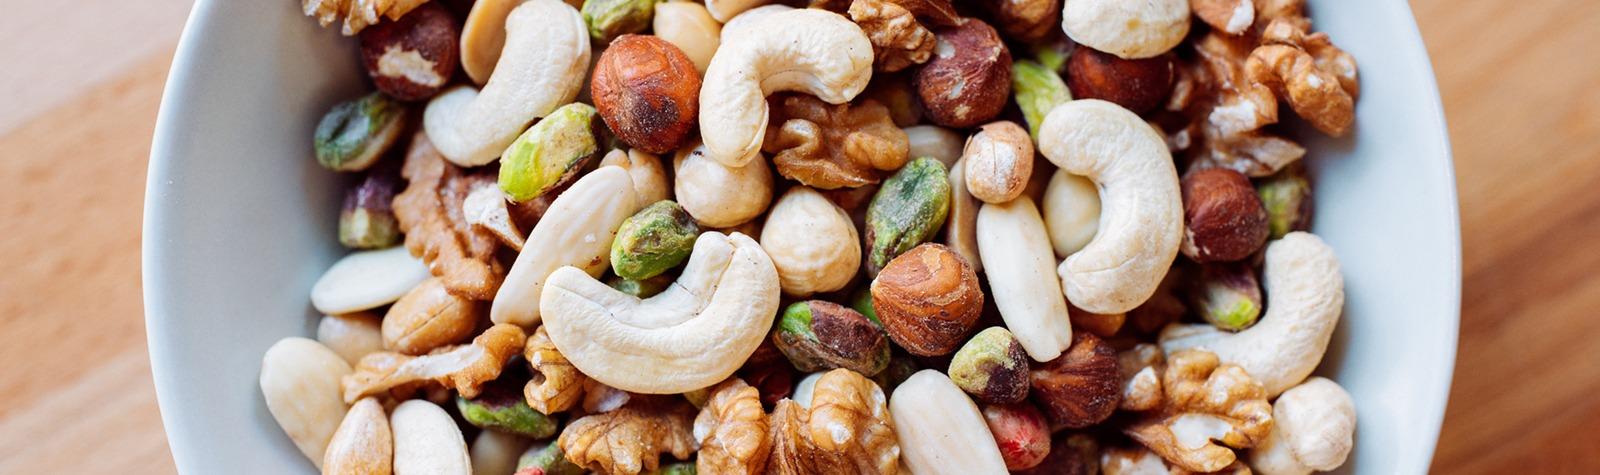 Frutos secos: salud en la palma de tu mano